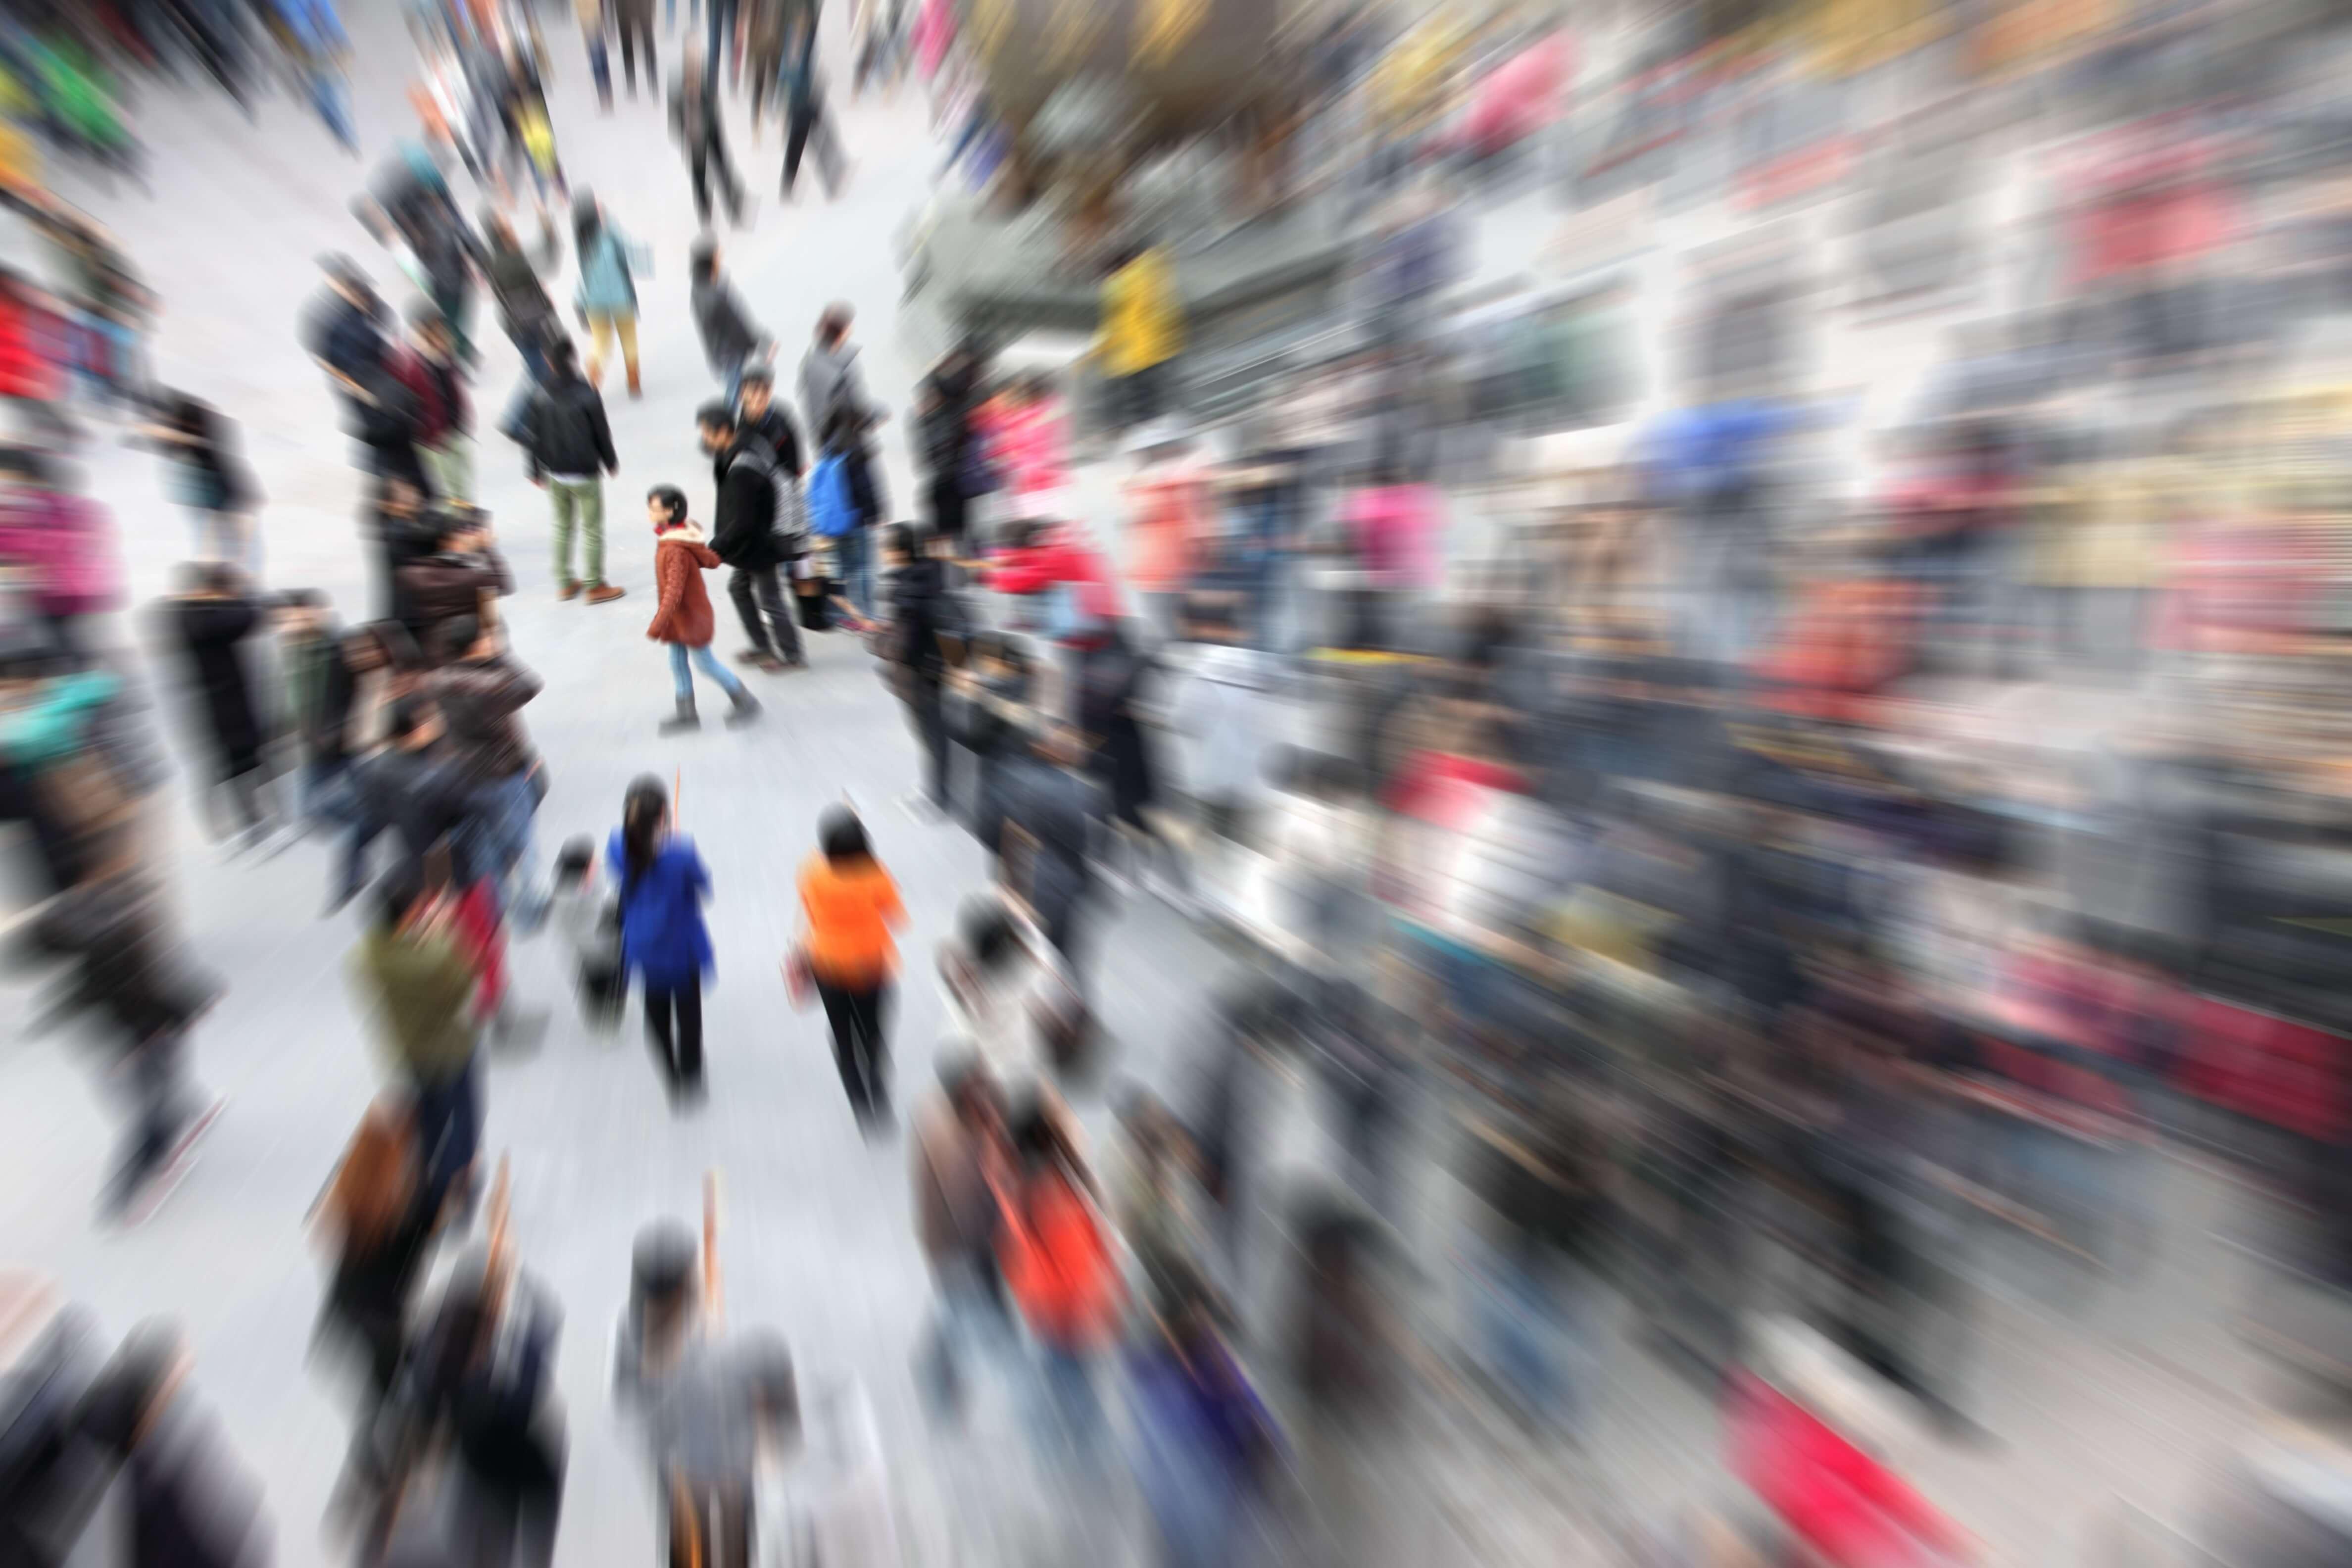 crowd_focused_to_one.jpg